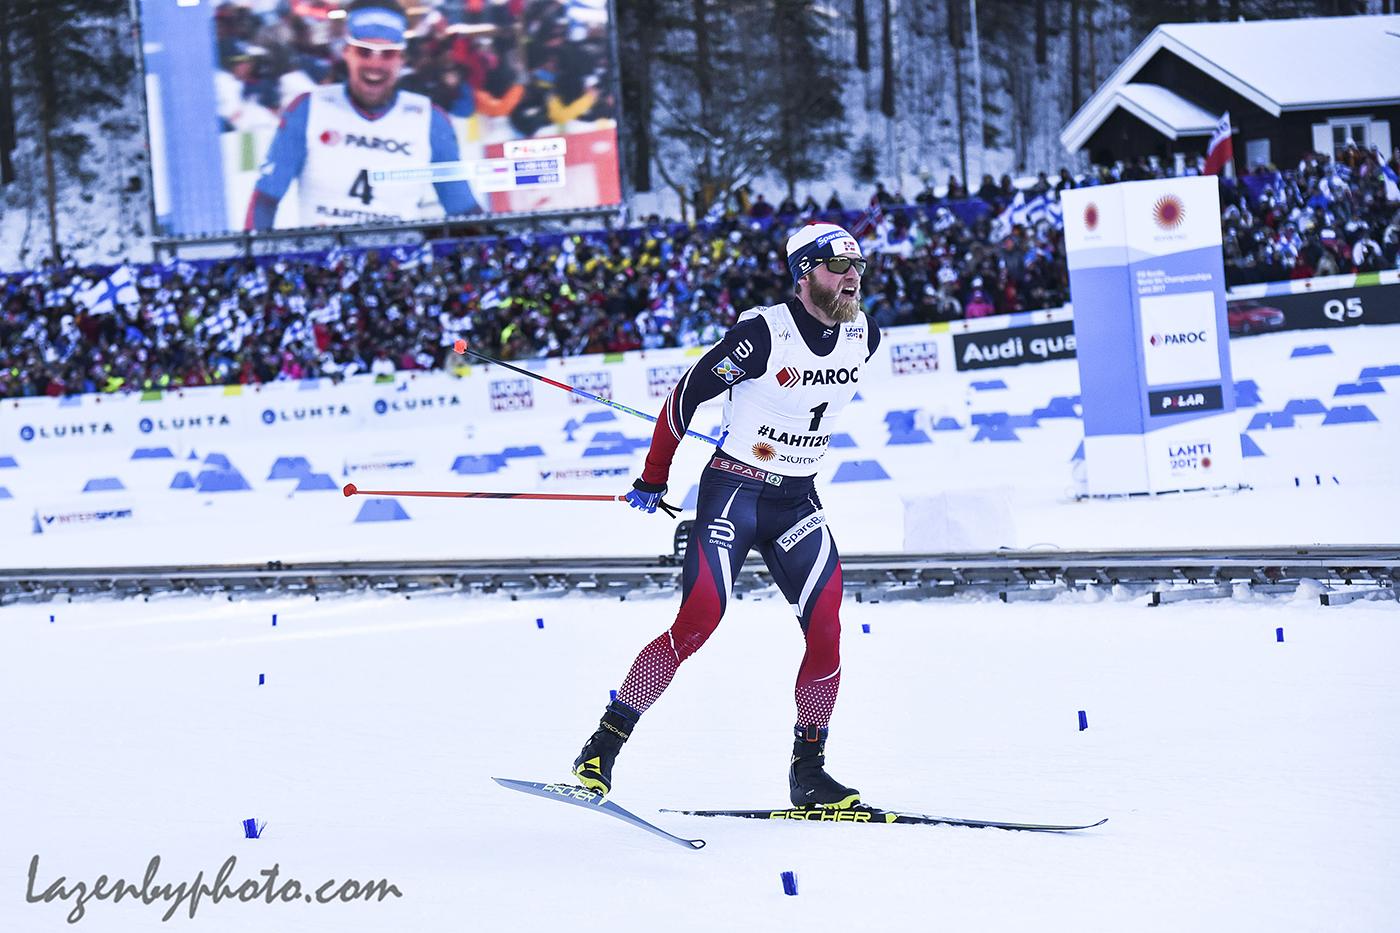 cc1ea ski JCL 8373 1W